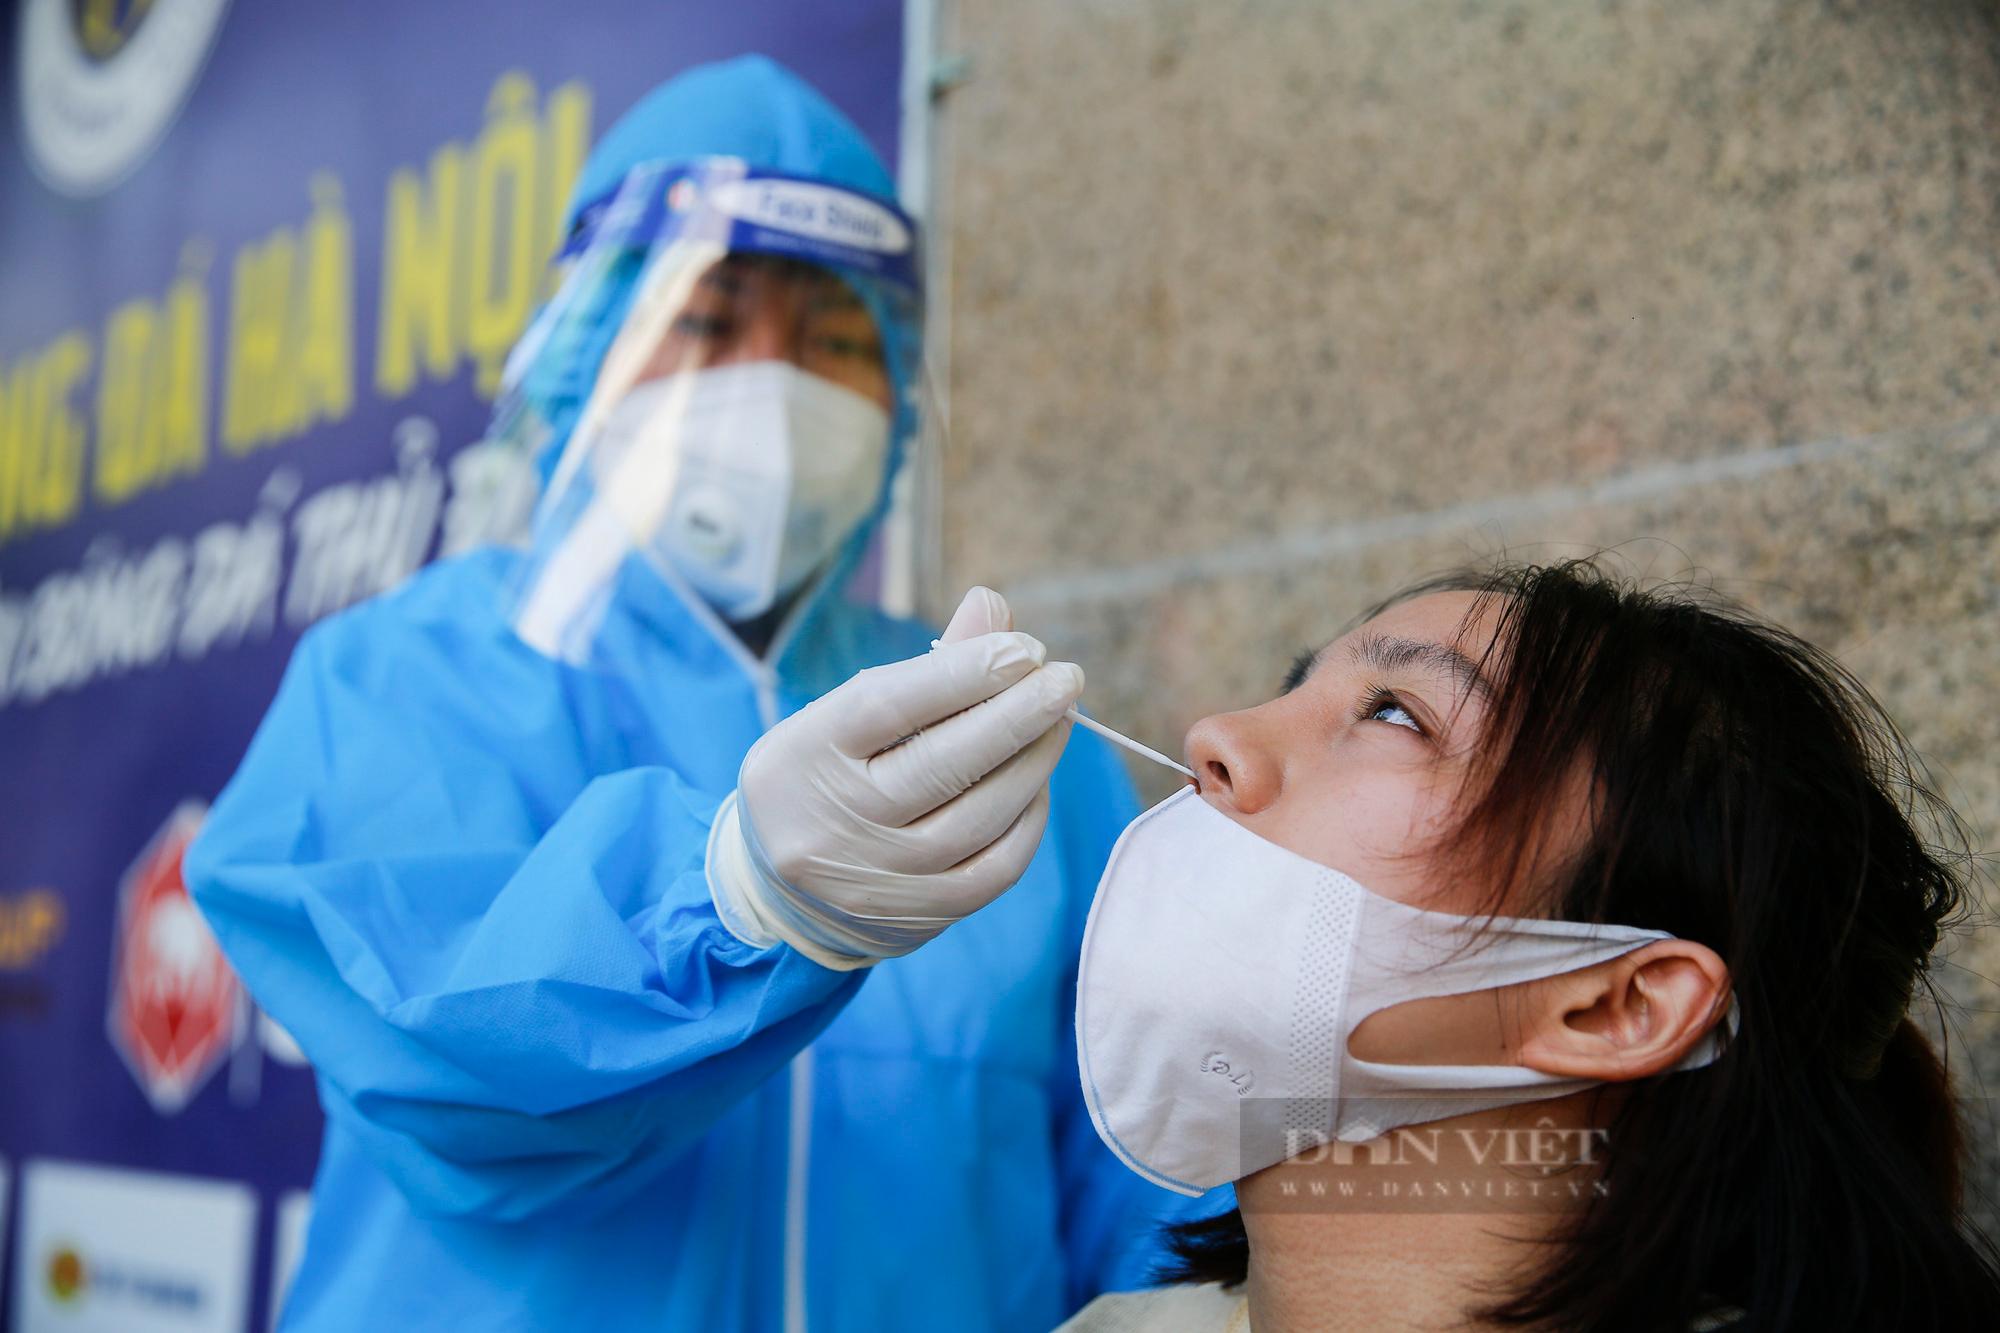 """Cận cảnh quy trình tiêm vaccine Covid-19 """"2 trong 1"""" đầu tiên ở Hà Nội - Ảnh 3."""